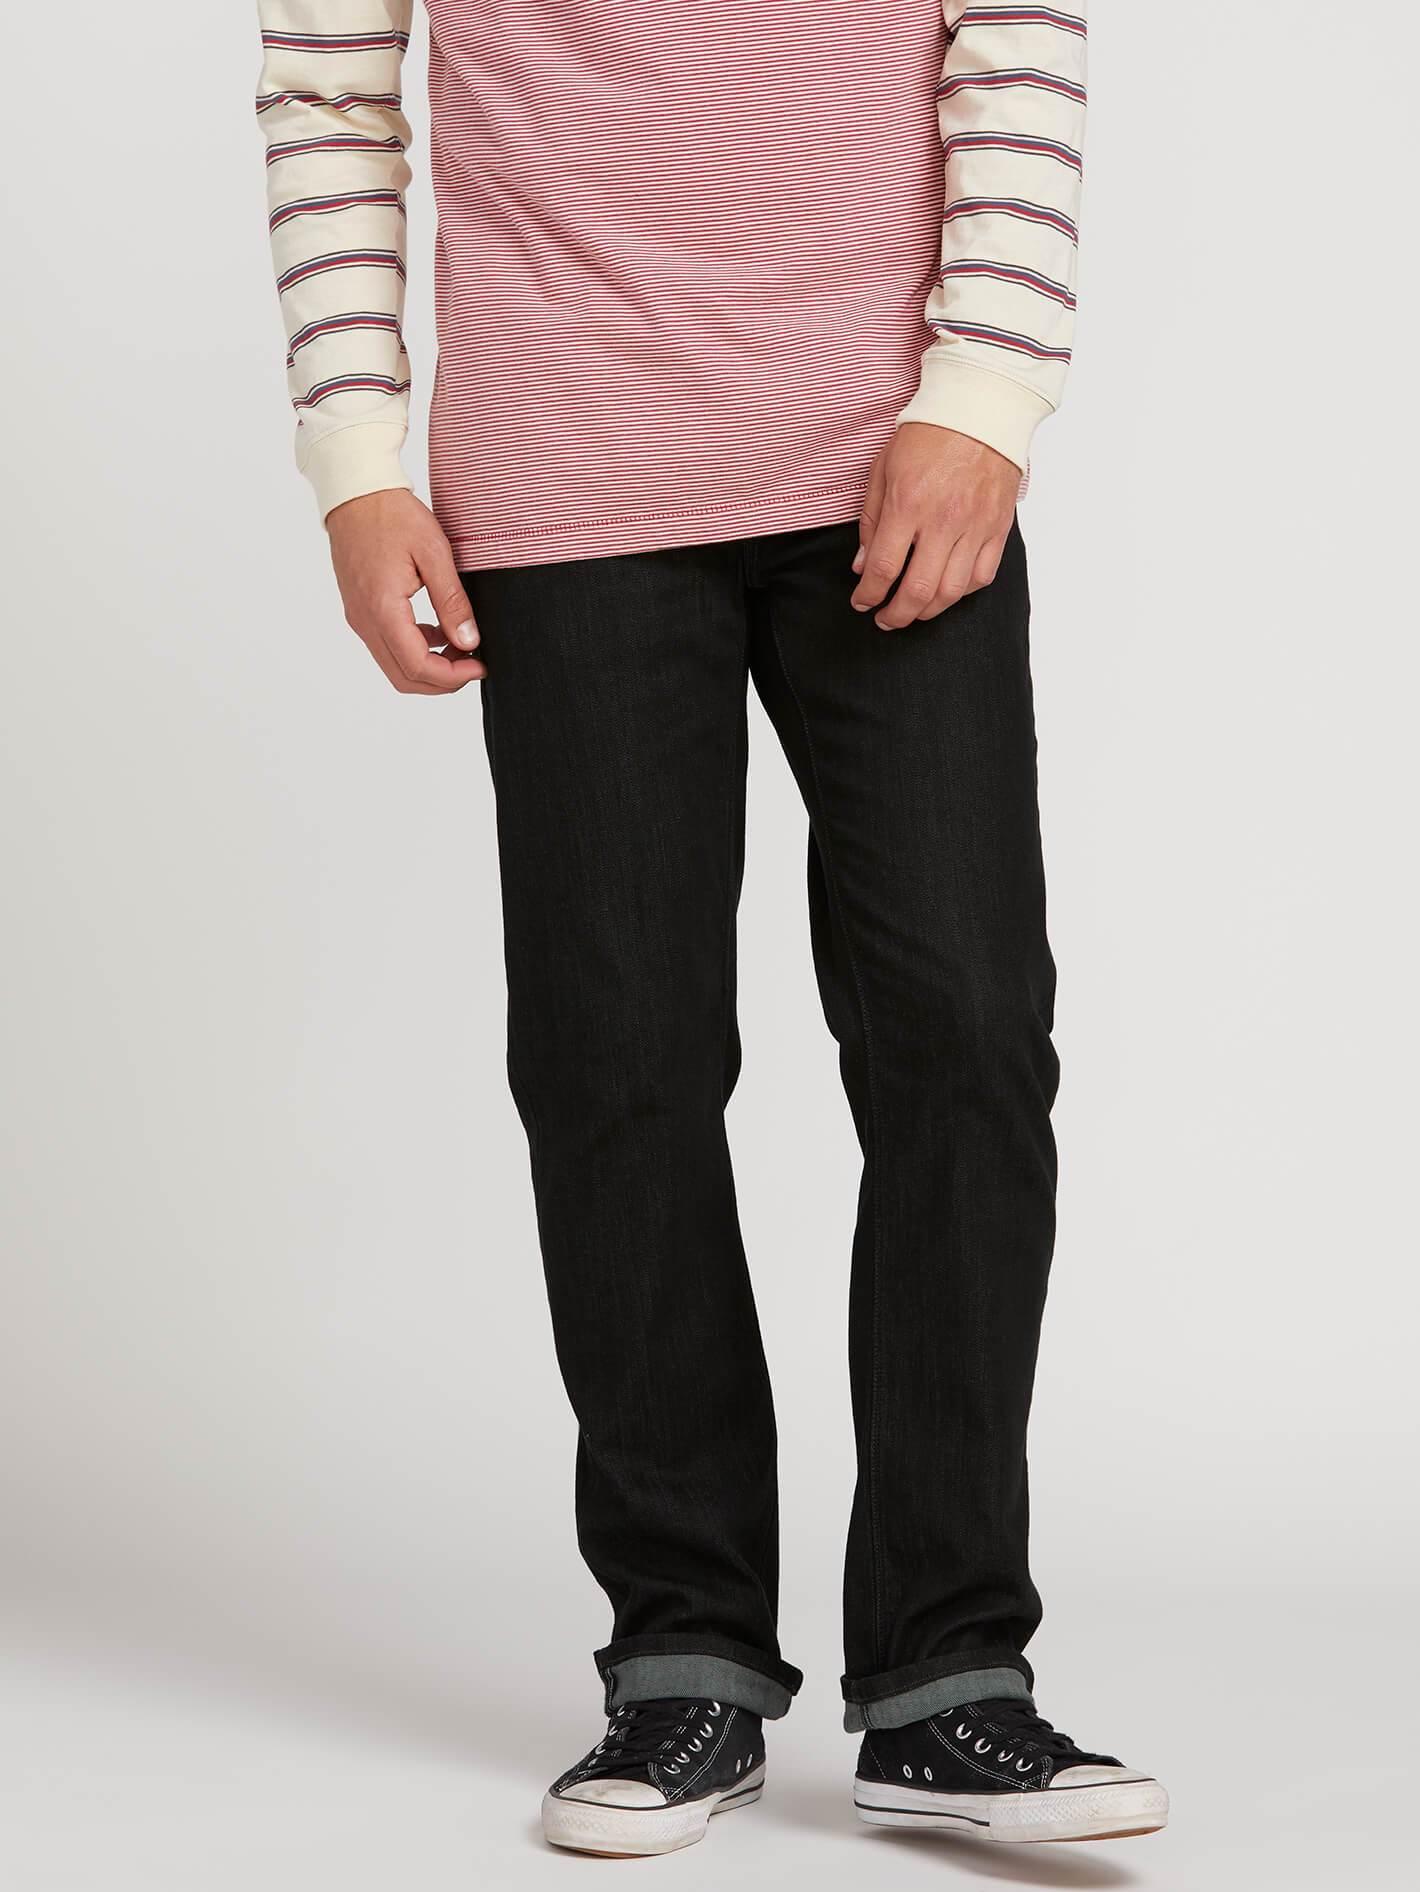 Solver Modern Fit Jeans - Black Rinser - BLACK RINSER / 36 / 32